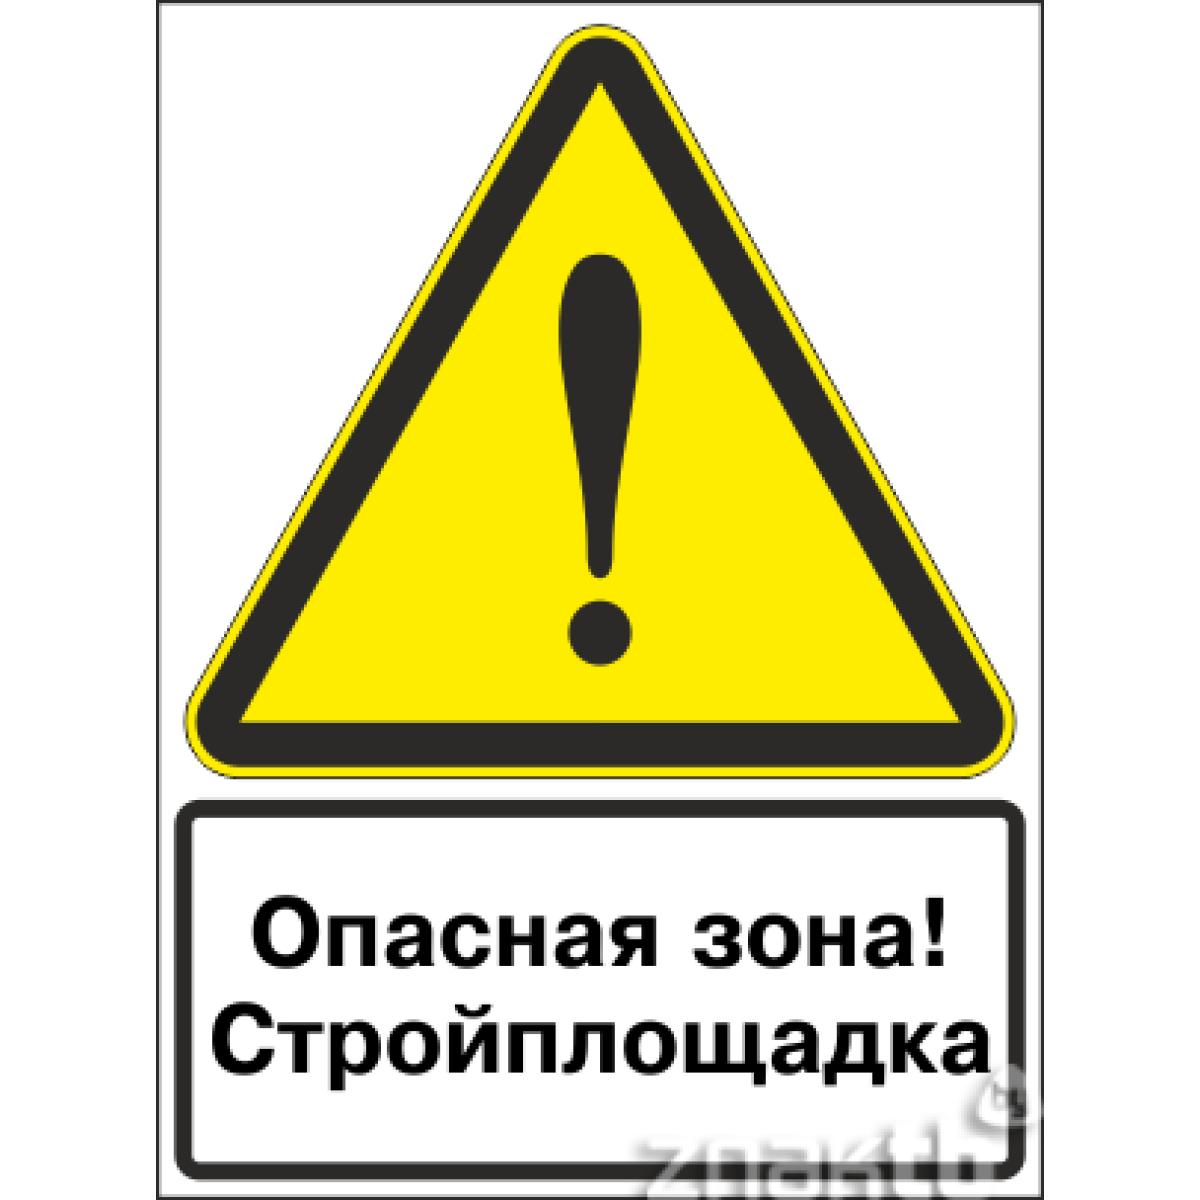 Знак Опасная зона! Стройплощадка